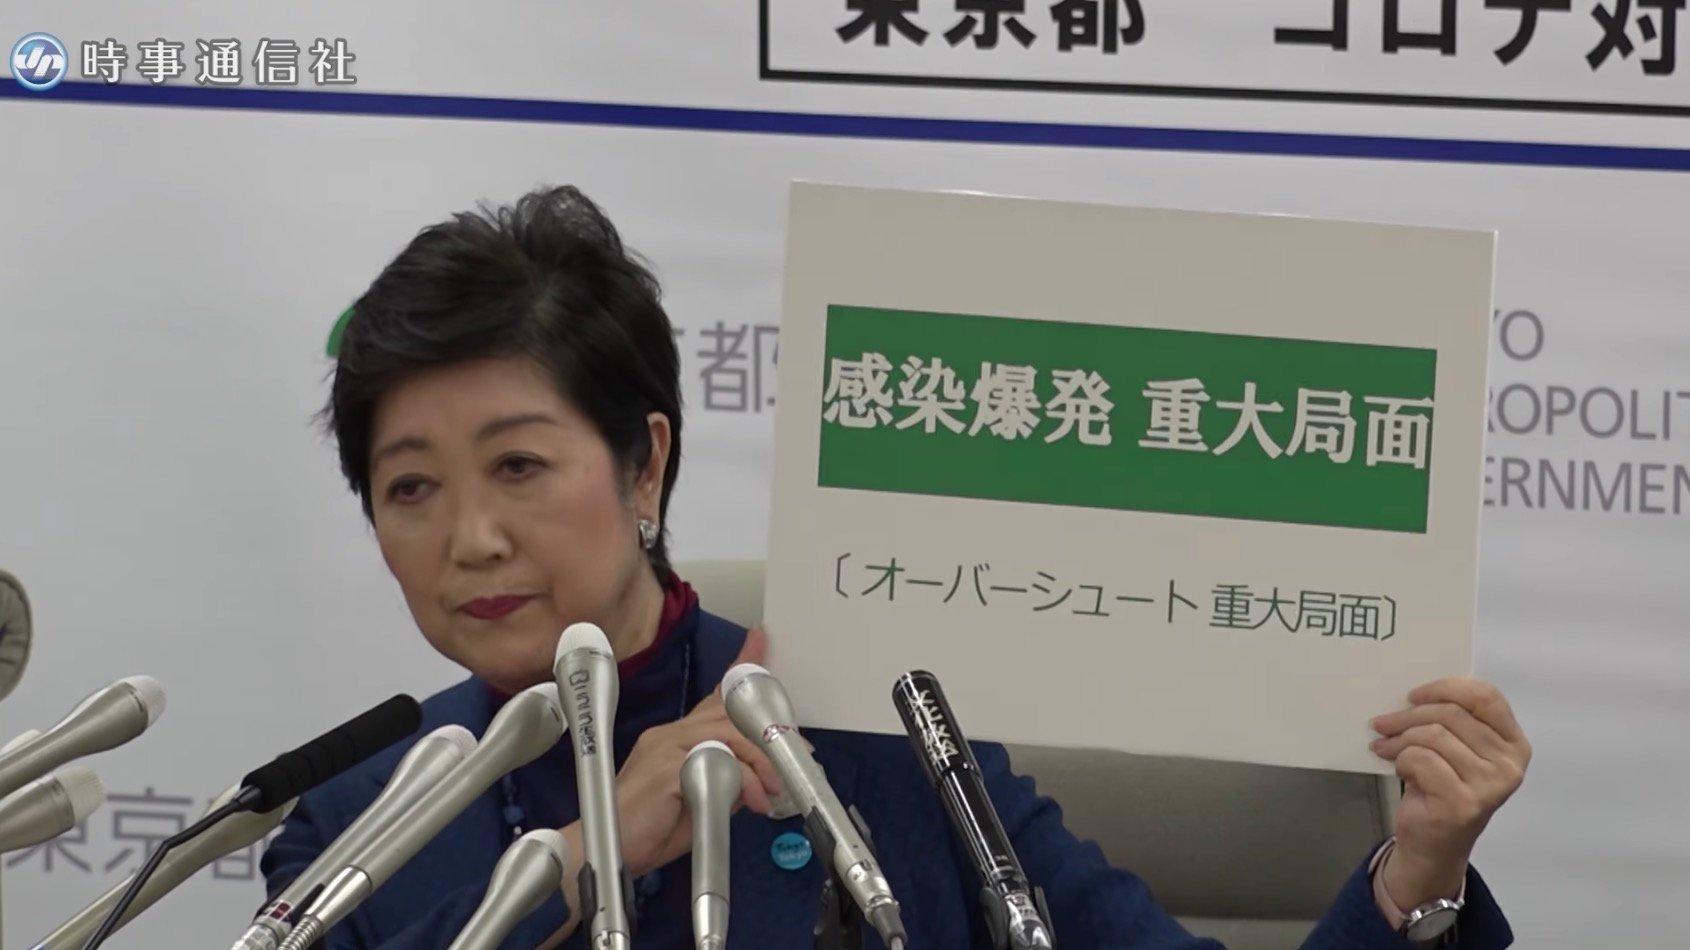 25日東京單日感染人數創新高,達41人。當晚,東京都知事小池百合子舉行緊急記者會,稱目前是「防止感染爆發的重要局面」,呼籲民眾本週末避免不必要的外出。(視頻截圖)